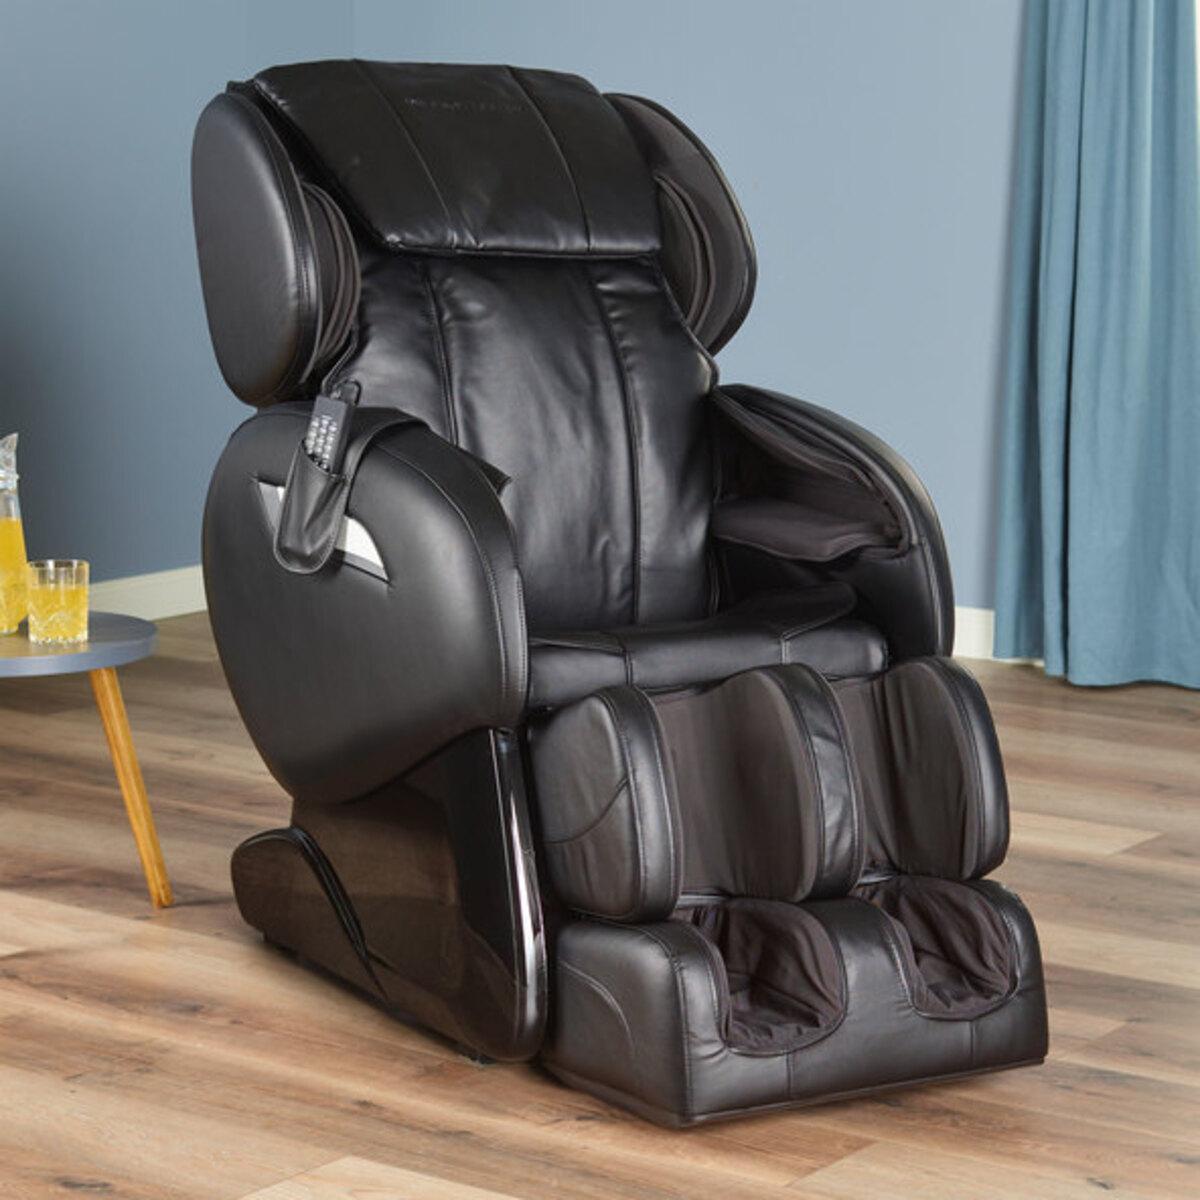 Bild 1 von Massagesessel Home Deluxe Sueno V2